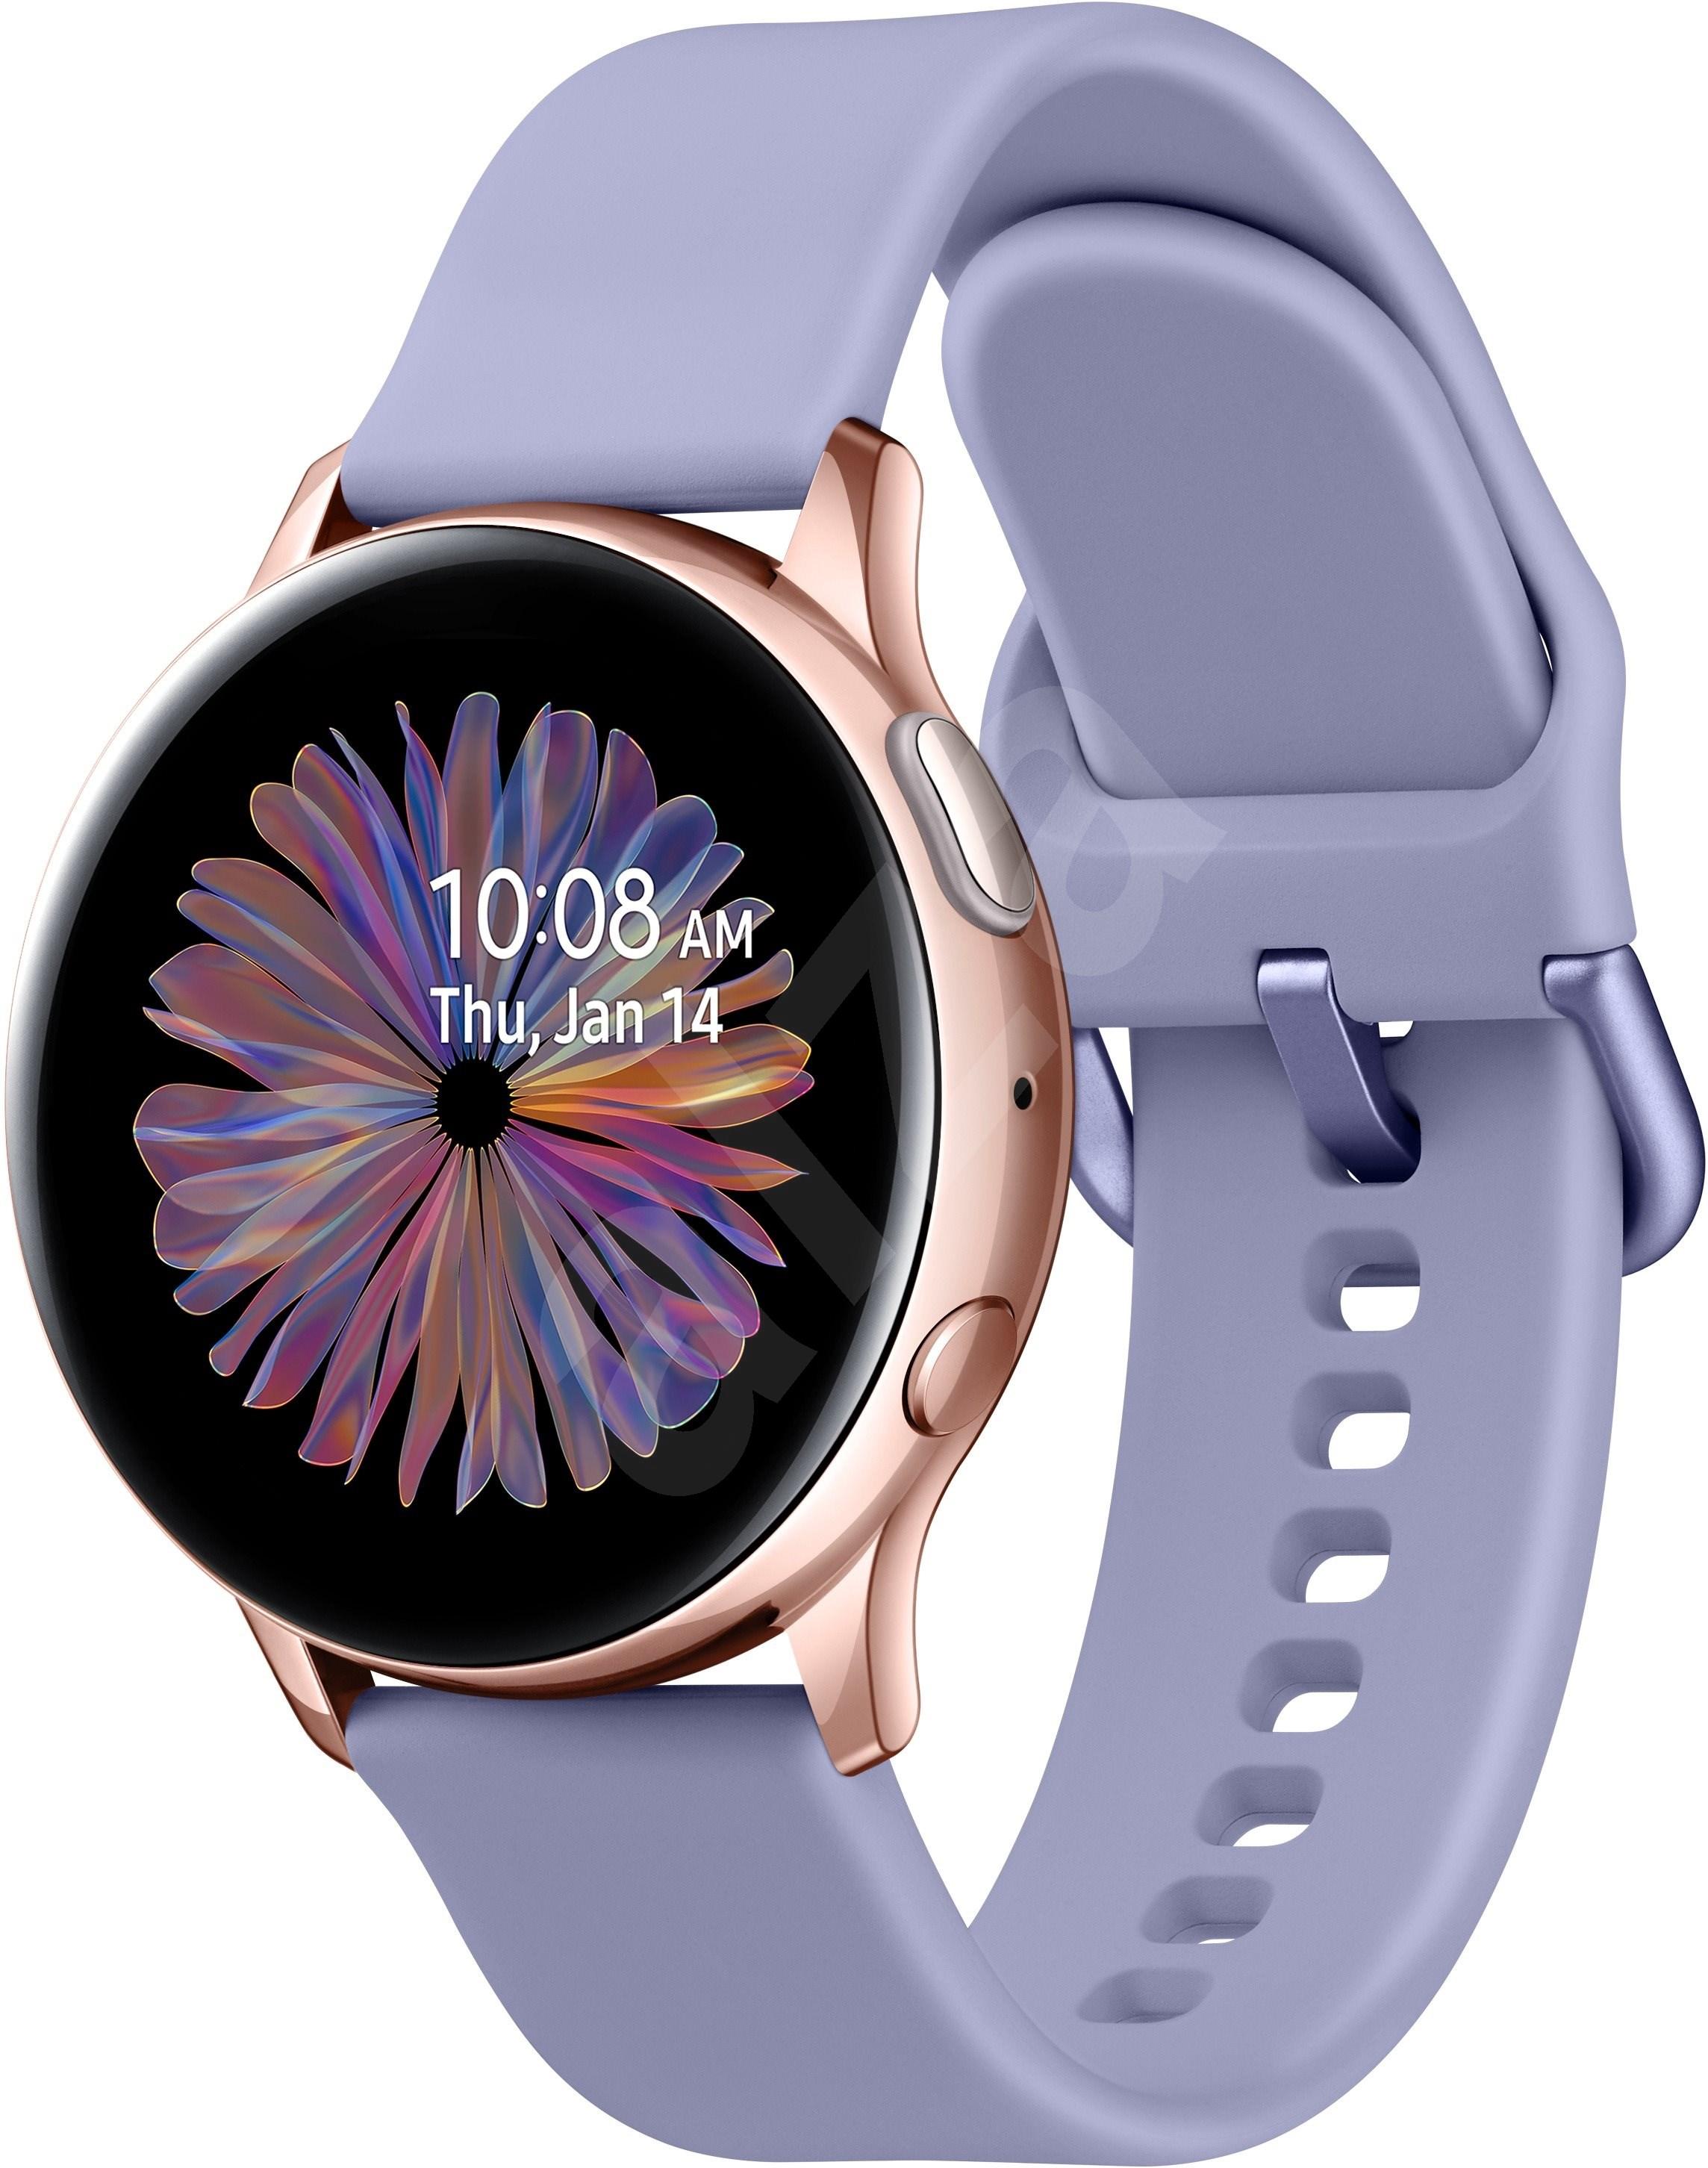 Chytré hodinky s měřením EKG a krevního tlaku samsung galaxy watch active 2